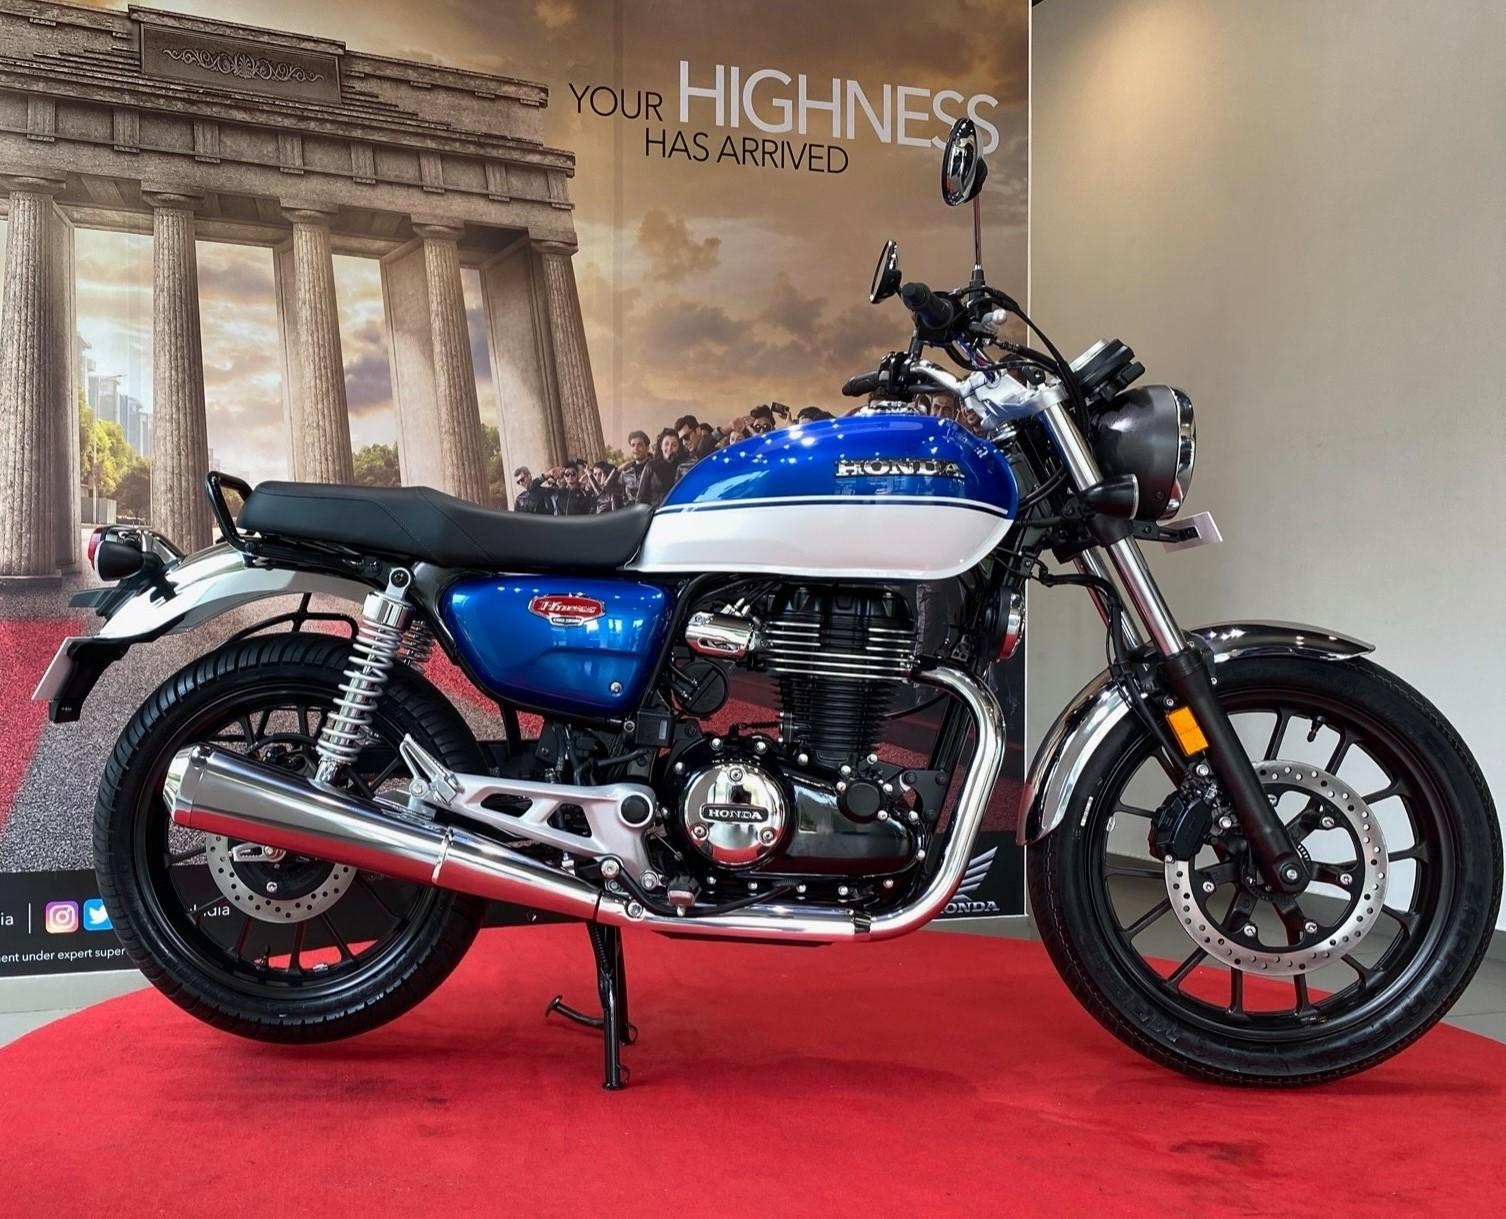 Soi kĩ từng góc cạnh Honda H'ness CB350 tại Honda Bigwing Ấn Độ